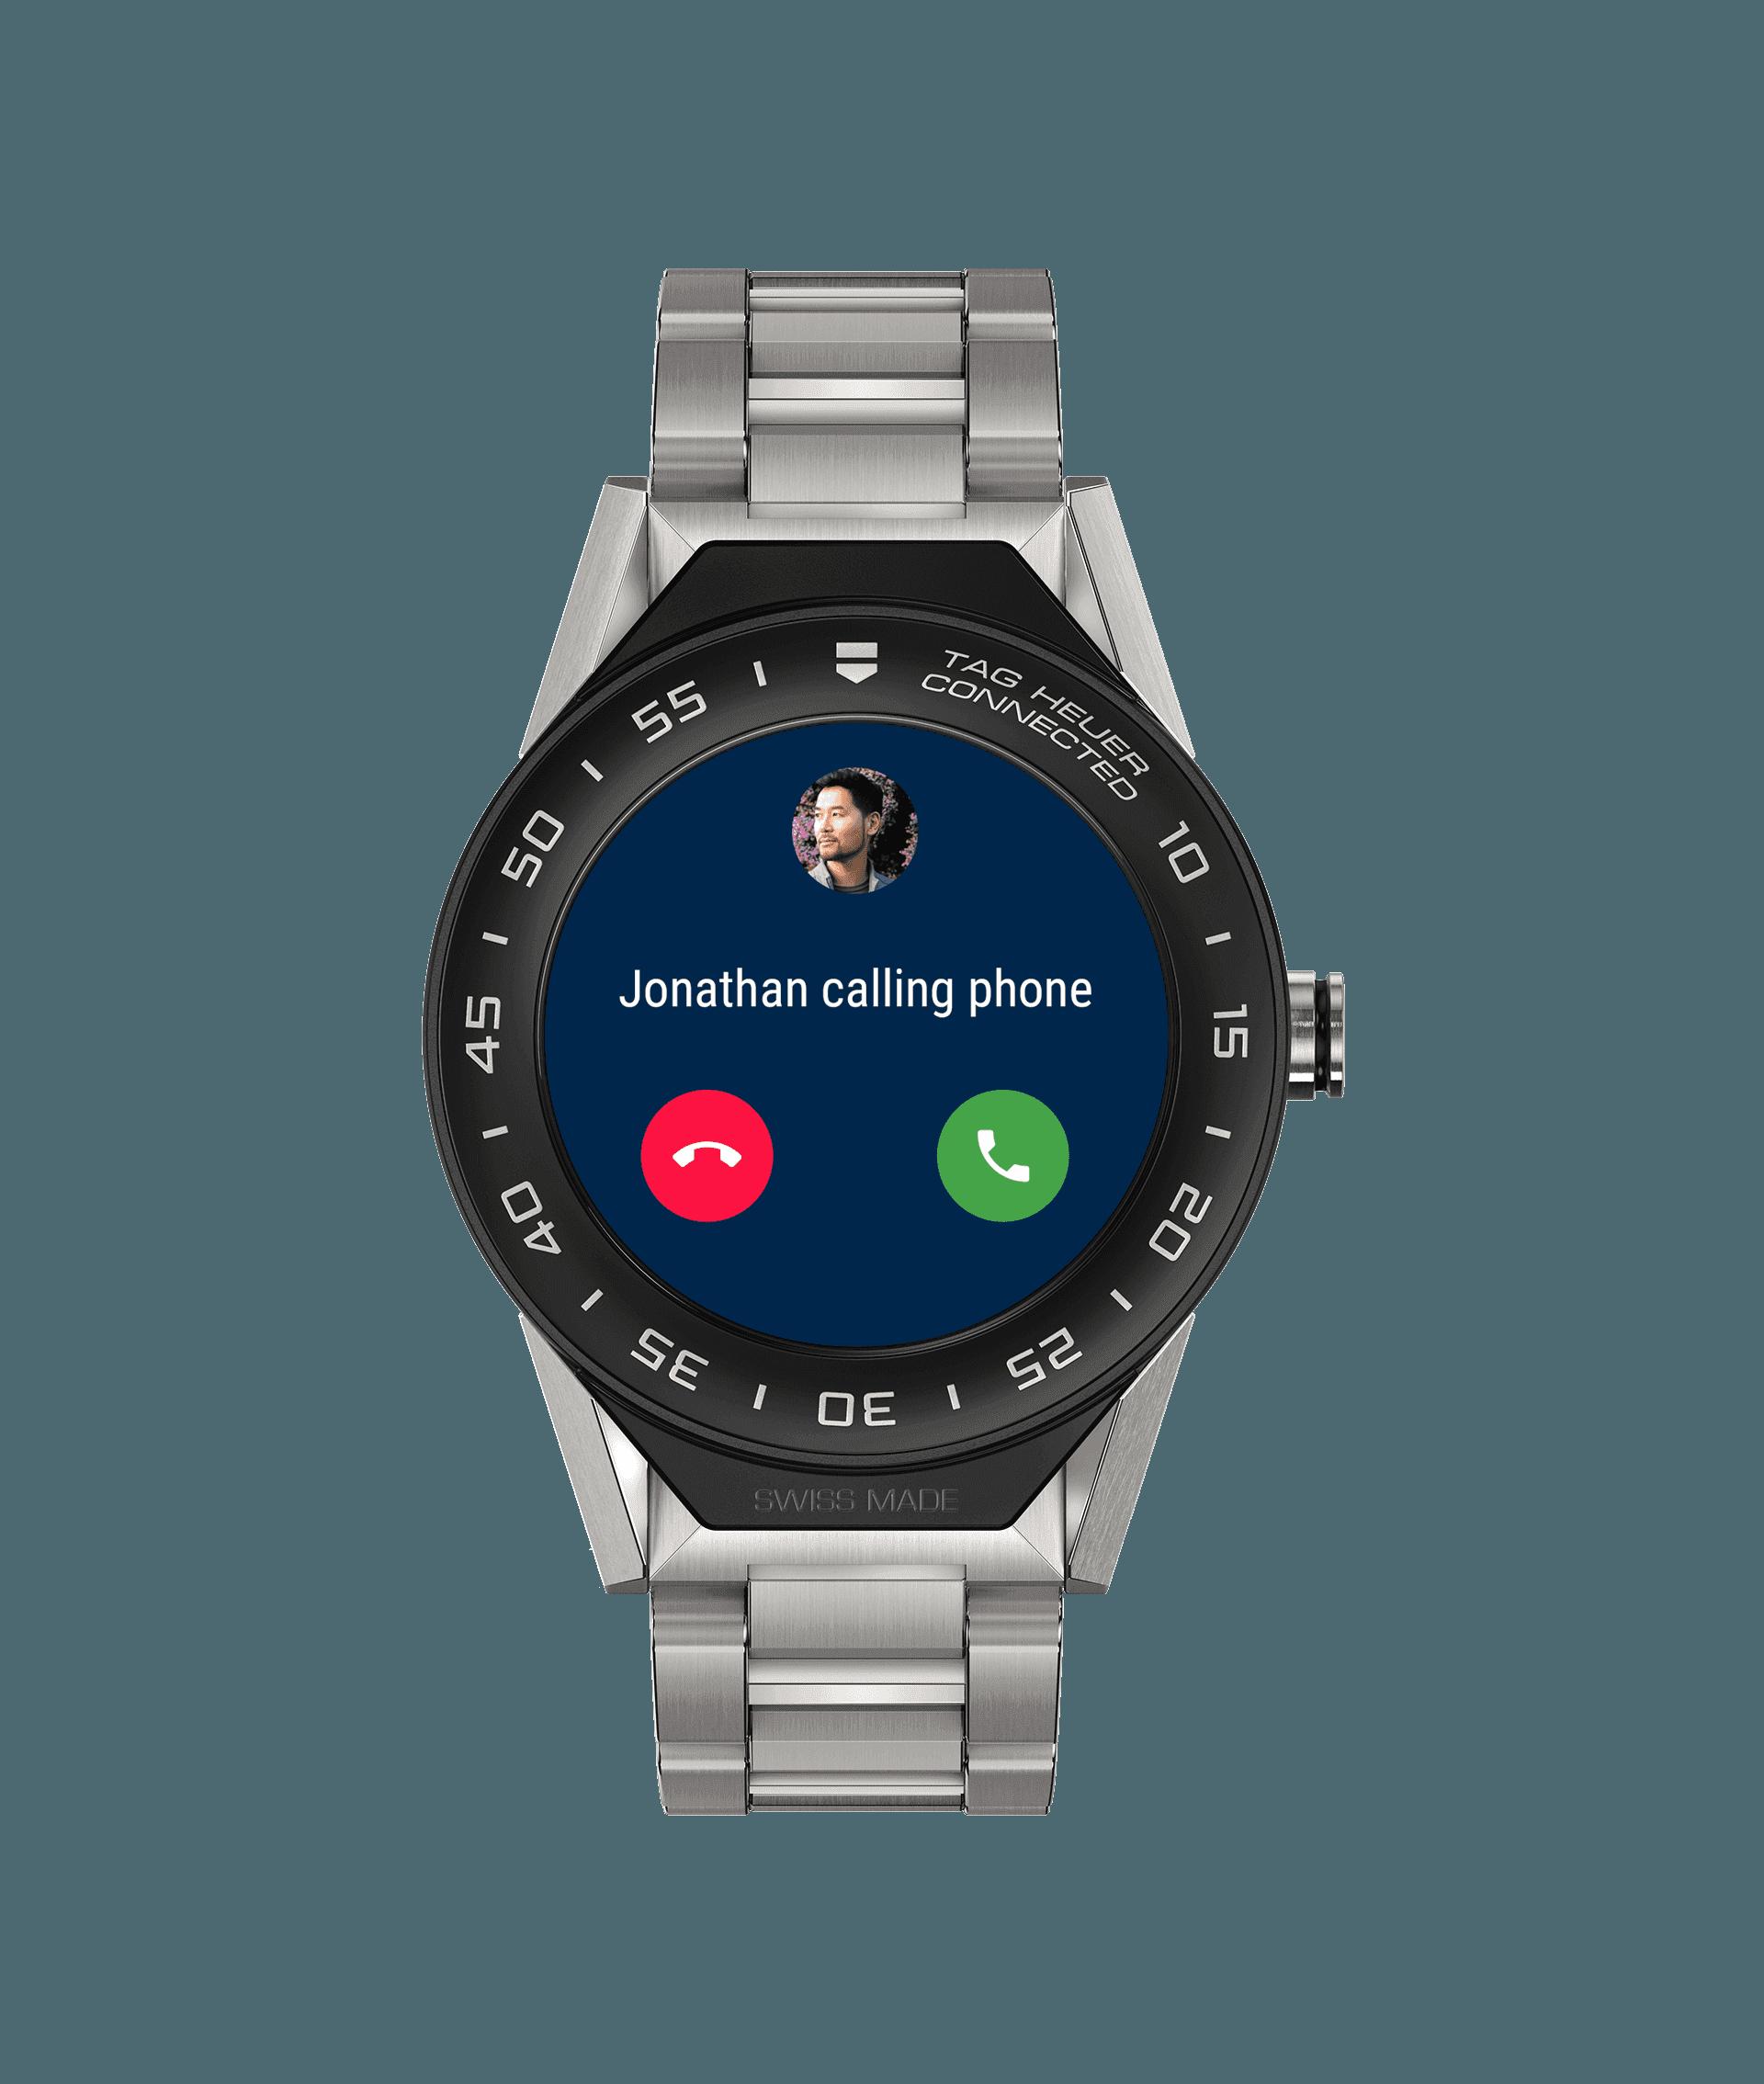 Švajčiarsky výrobca luxusných hodiniek TAG Heuer uviedol na trh nové  inteligentné hodinky s operačným systémom Android Wear. Novinka s označením  Connected ... 926b94b9e33